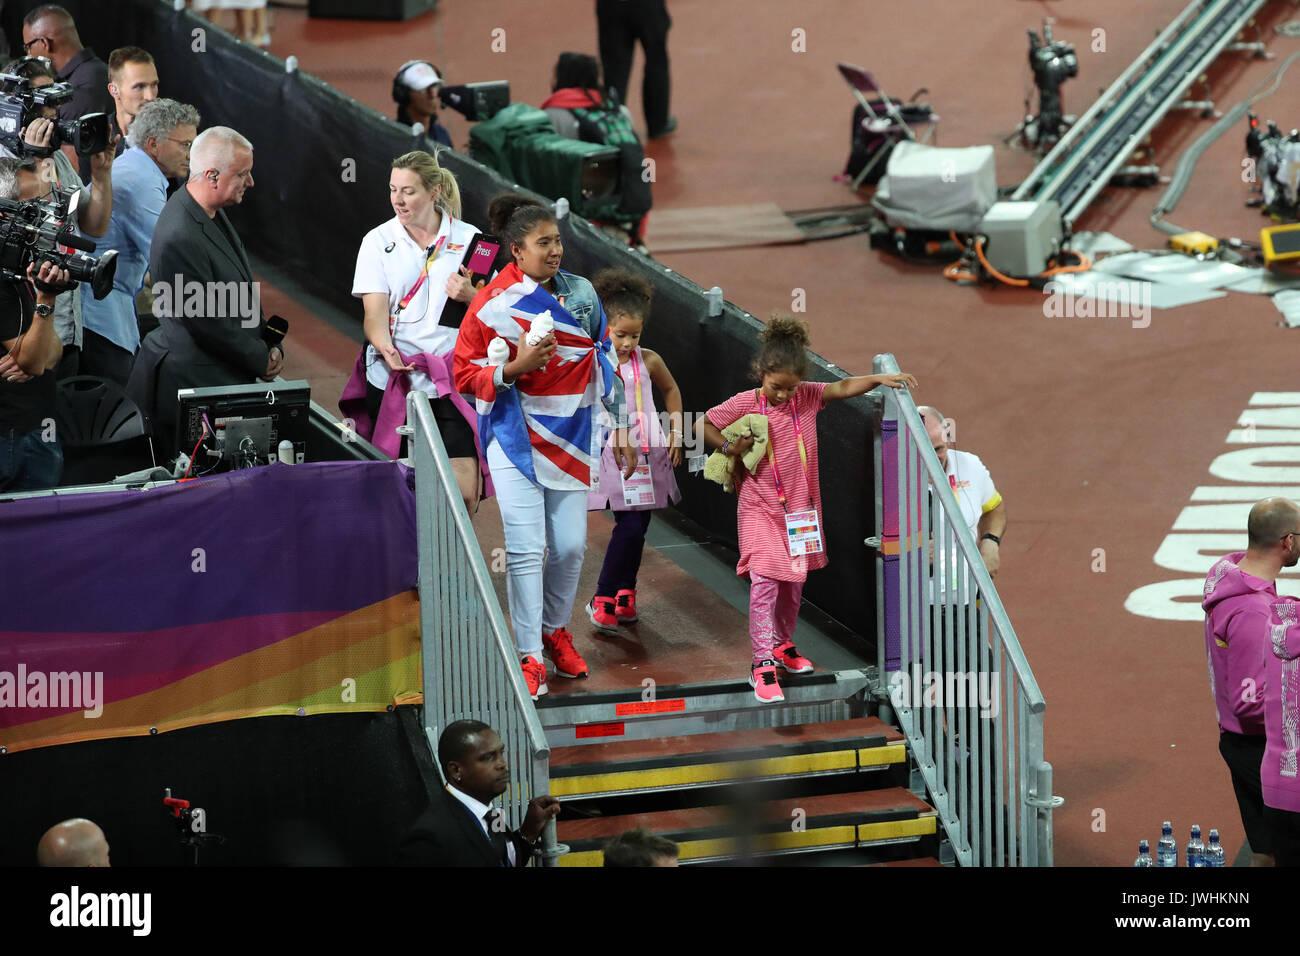 Londres, Reino Unido. 12 Aug, 2017. Mo Farah's family el día 9 de la IAAF de Londres 2017 campeonatos del mundo en el estadio de Londres. Crédito: Paul Davey/Alamy Live News Foto de stock